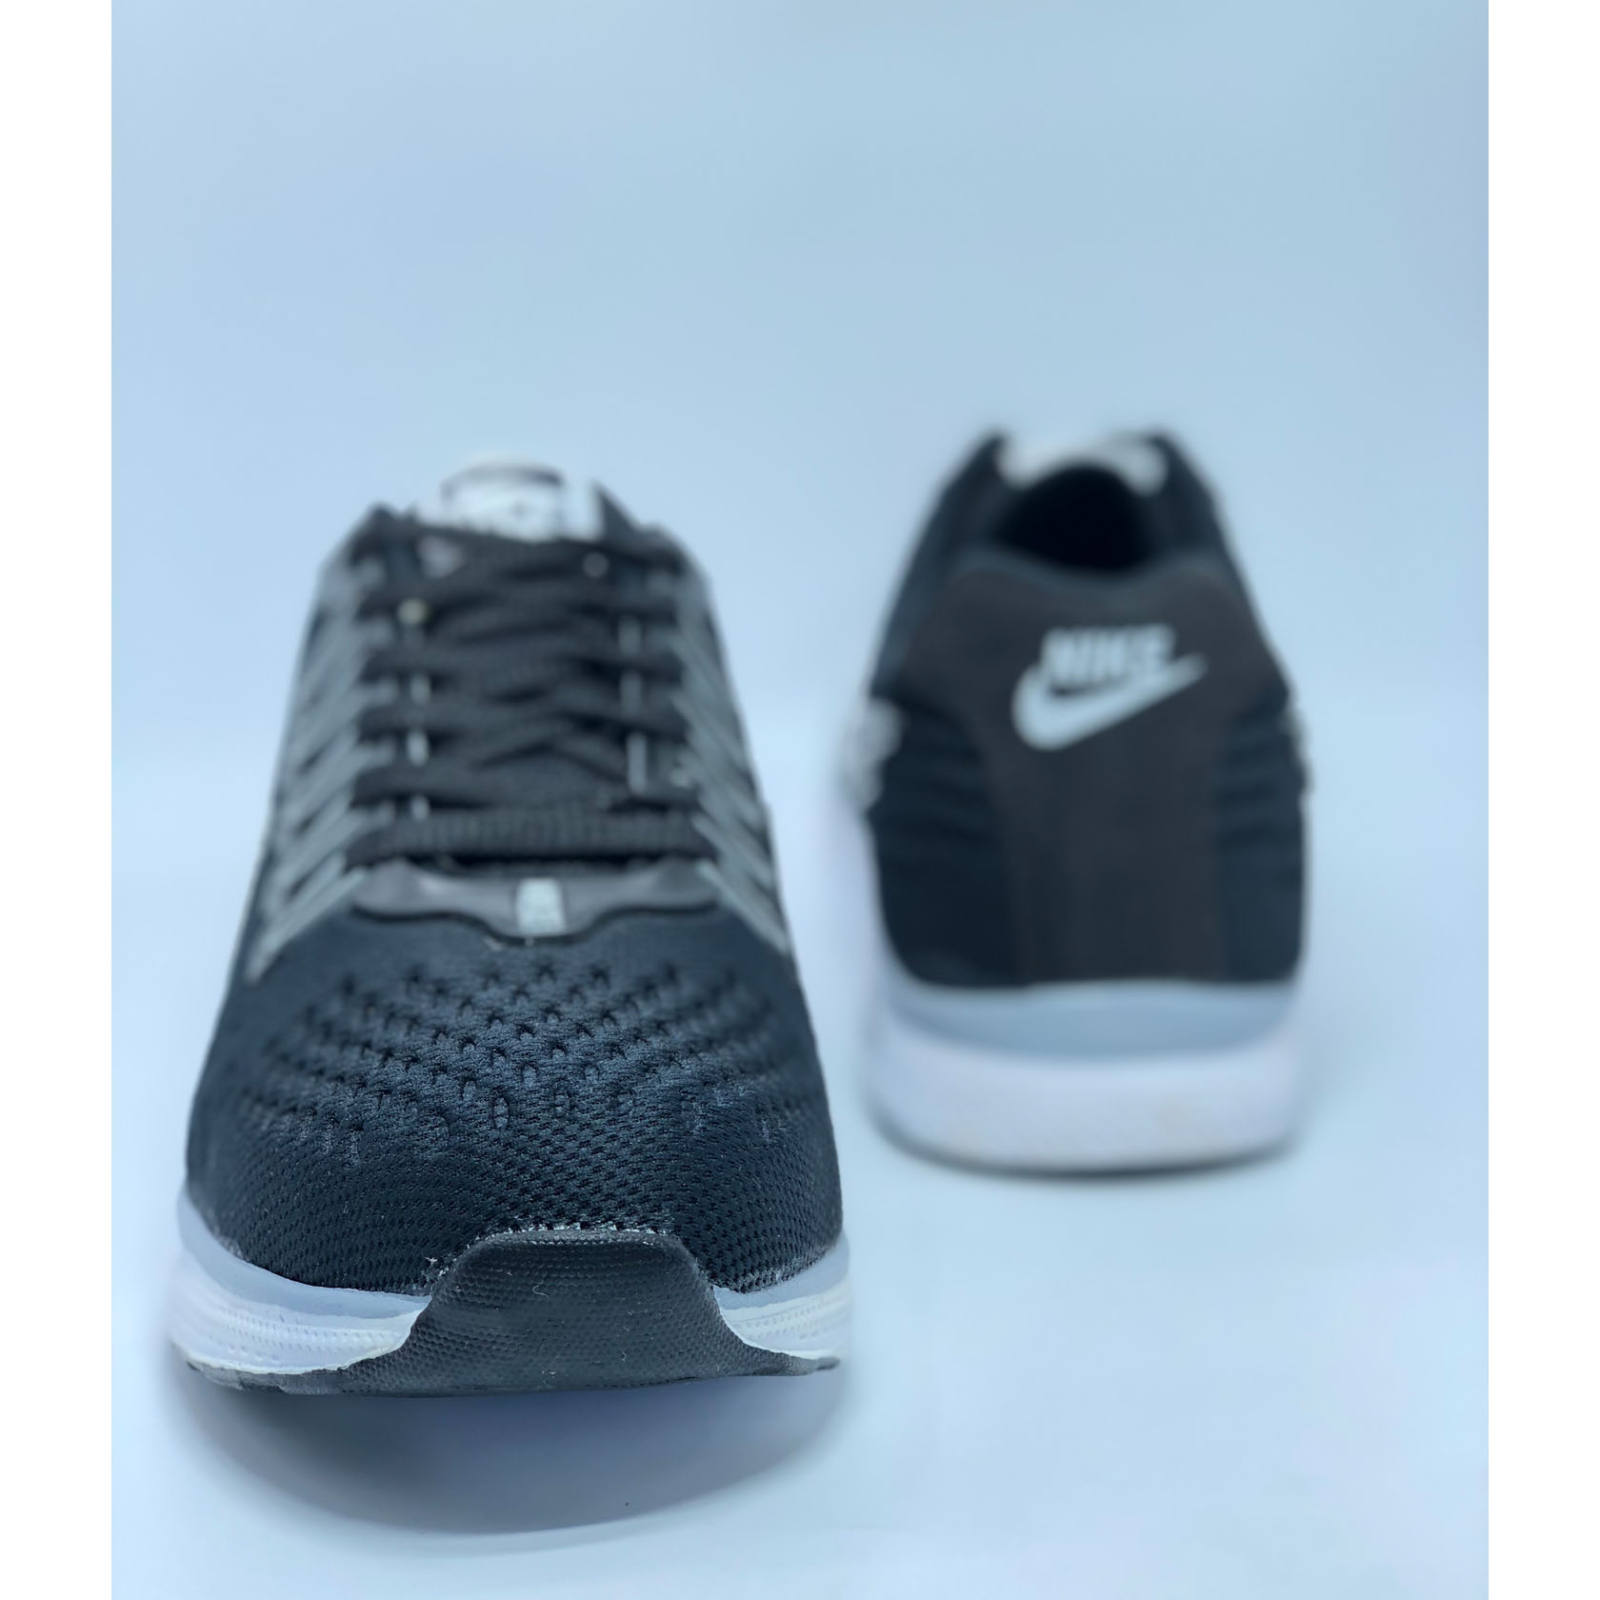 کفش مخصوص پیاده روی مردانه کد nk 200 main 1 3